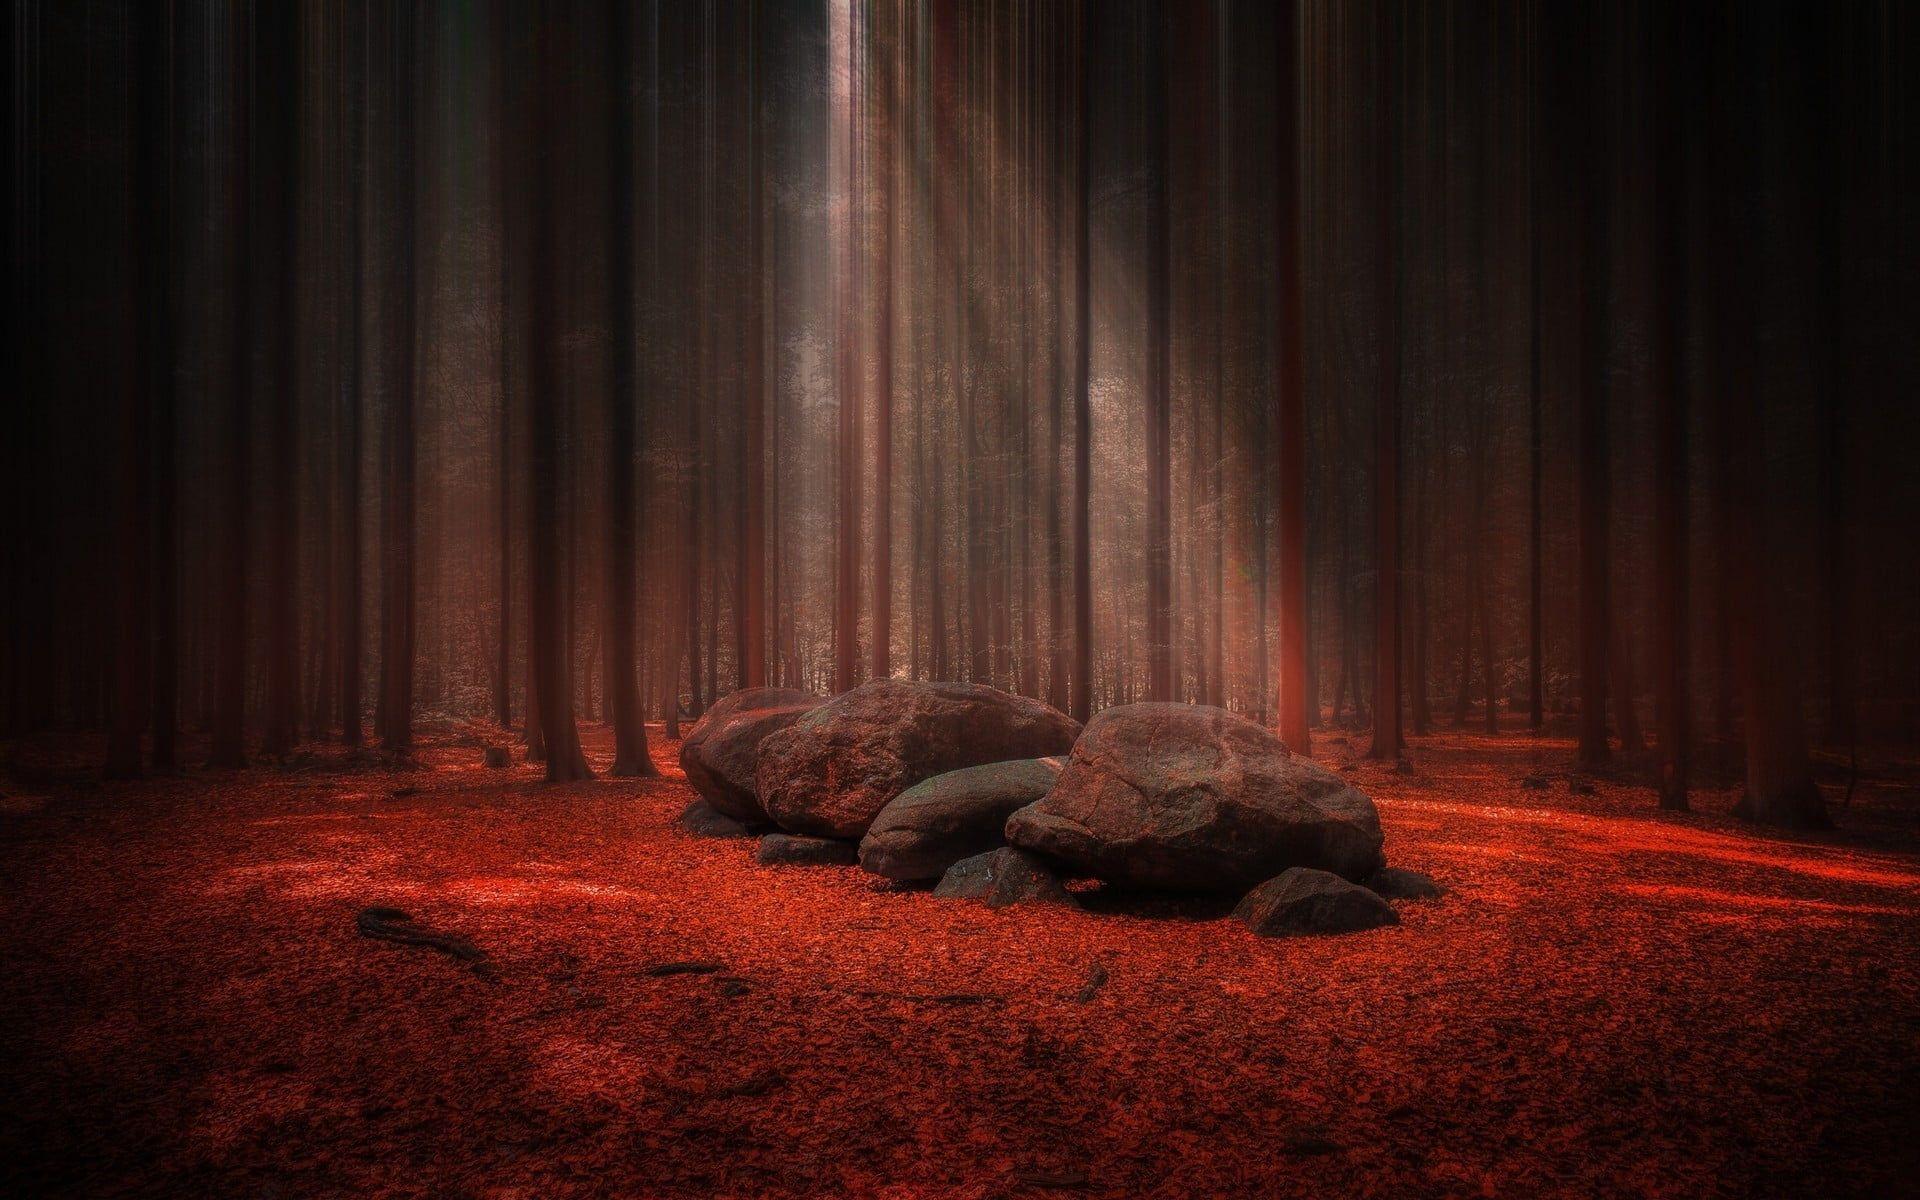 Black And Red Rock Wallpaper Black Rocks On Red Textile Digital Wallpaper Nature Landscape Sunlight Forest Stone In 2020 Digital Wallpaper Hd Wallpaper Wallpaper